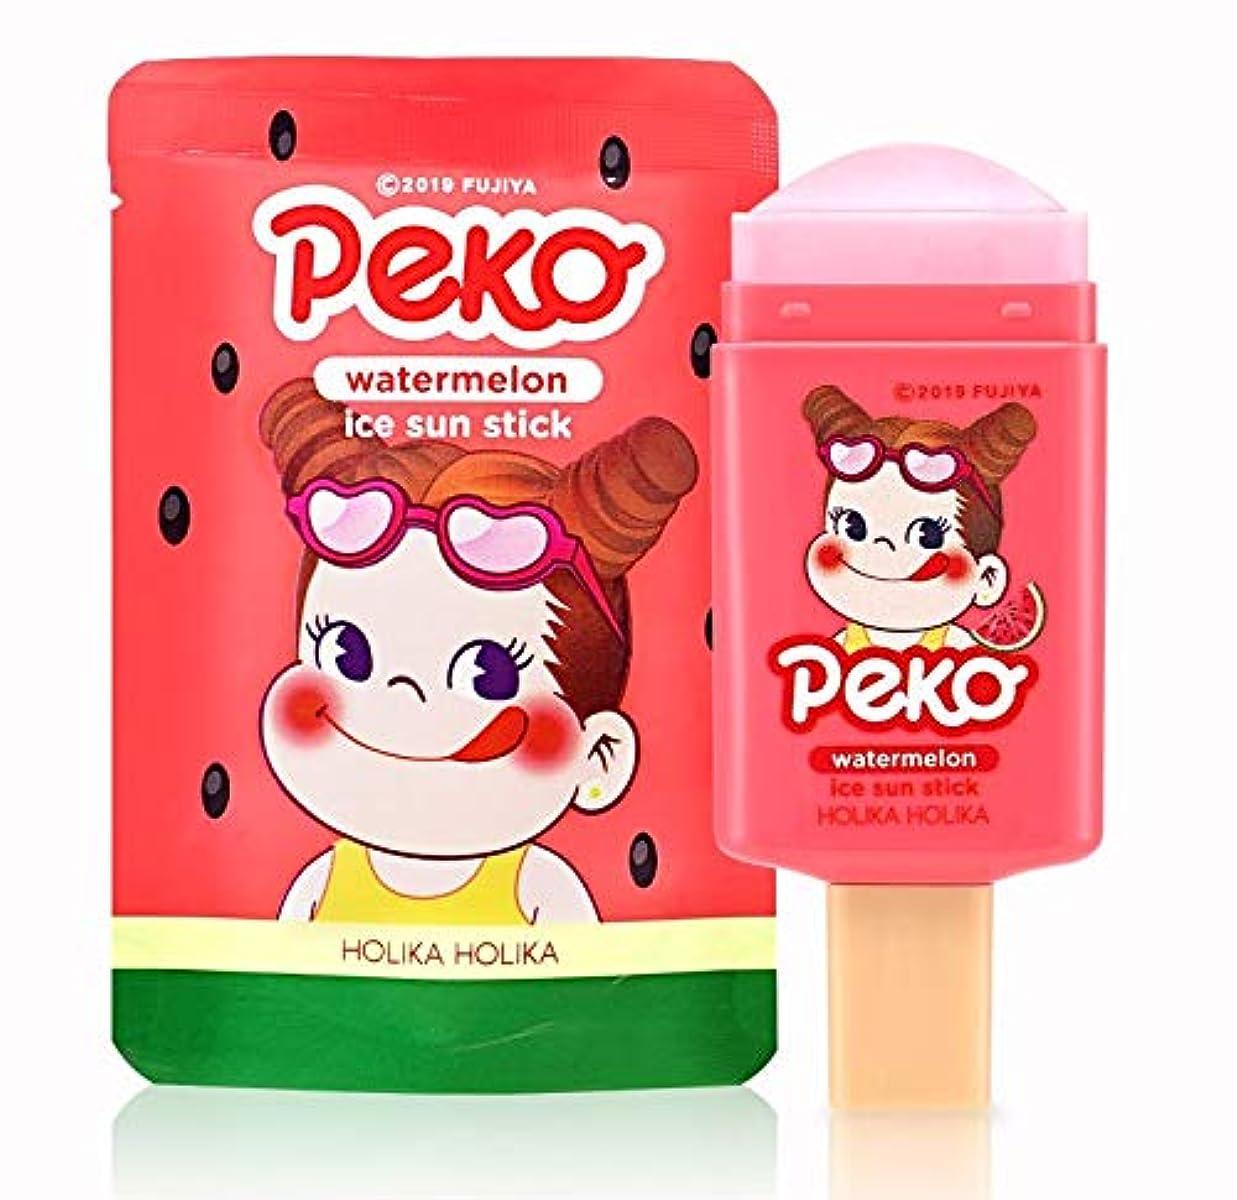 ミュート悪名高い同行ホリカホリカ [スイートペコエディション] スイカ アイス サン スティック 14g / Holika Holika [Sweet Peko Edition] Watermellon Ice Sun Stick SPF50...